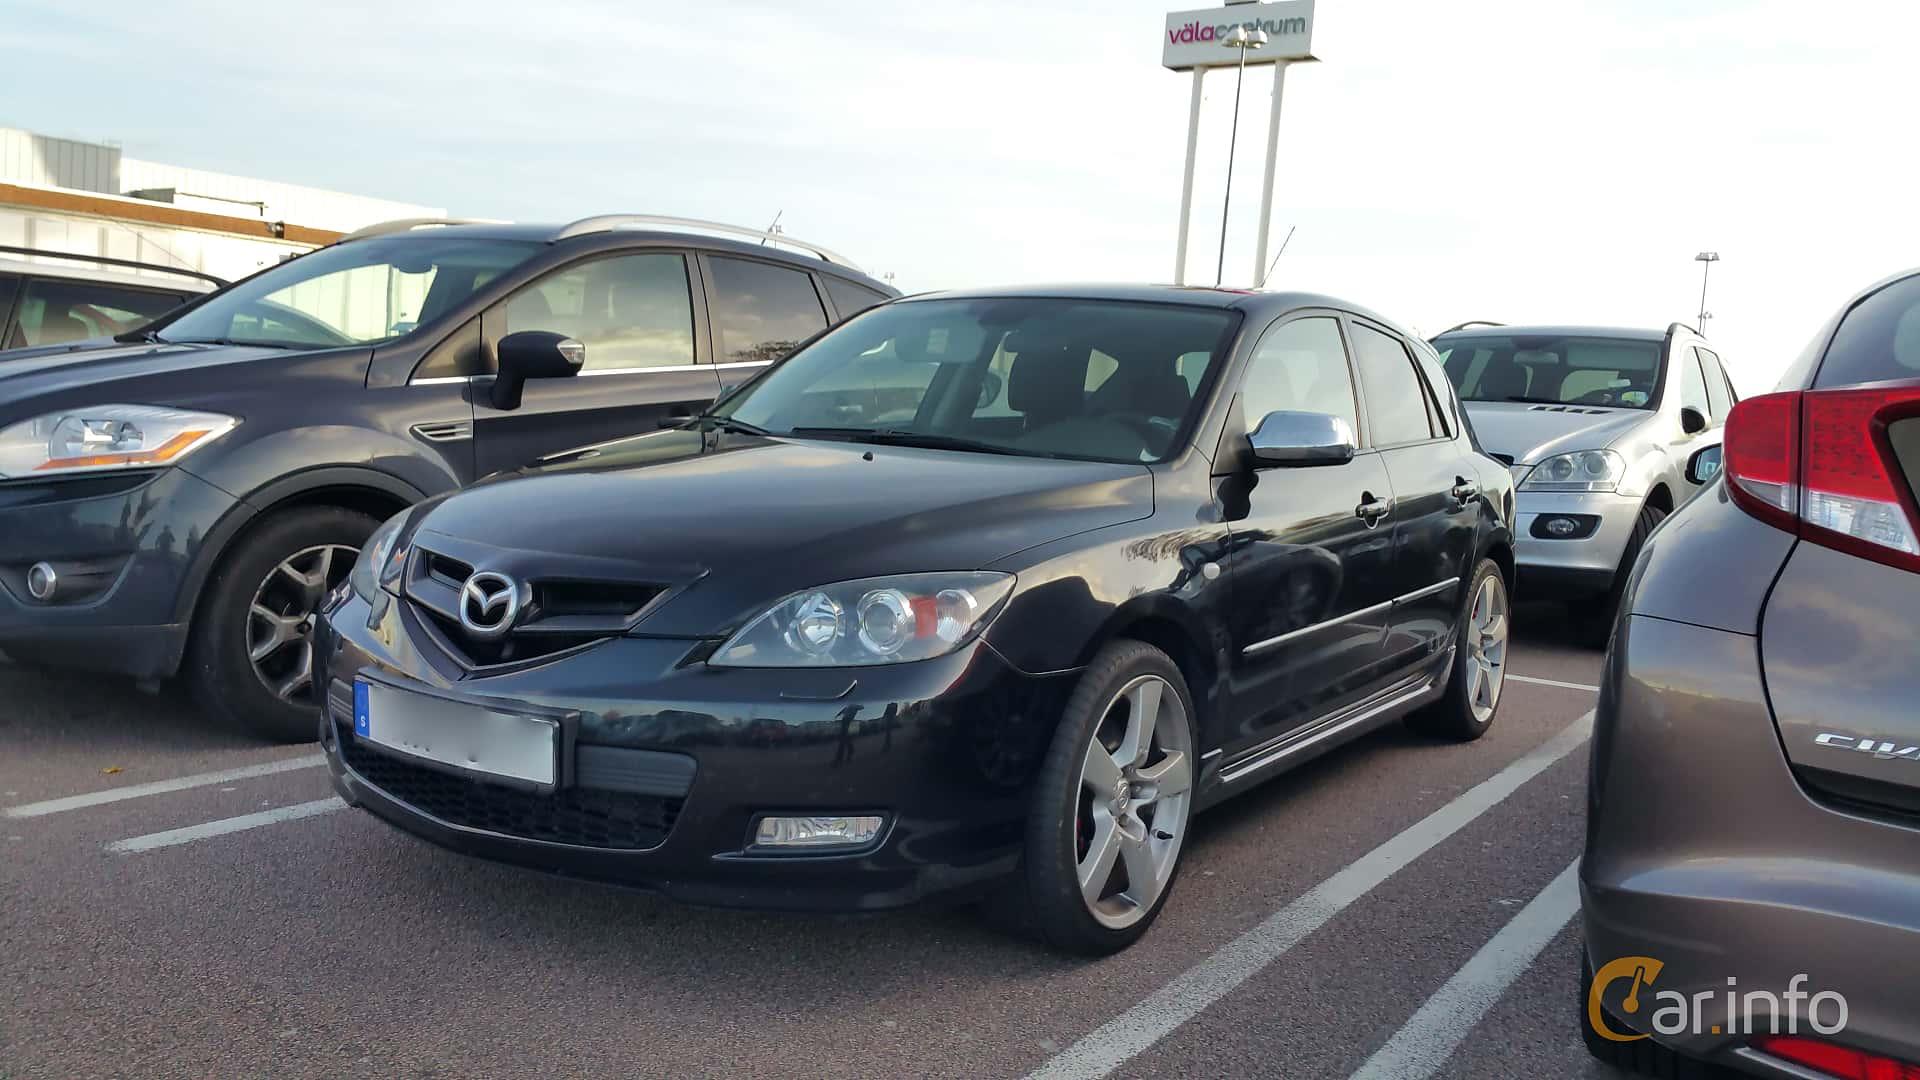 Kelebihan Mazda 3 2.0 Top Model Tahun Ini